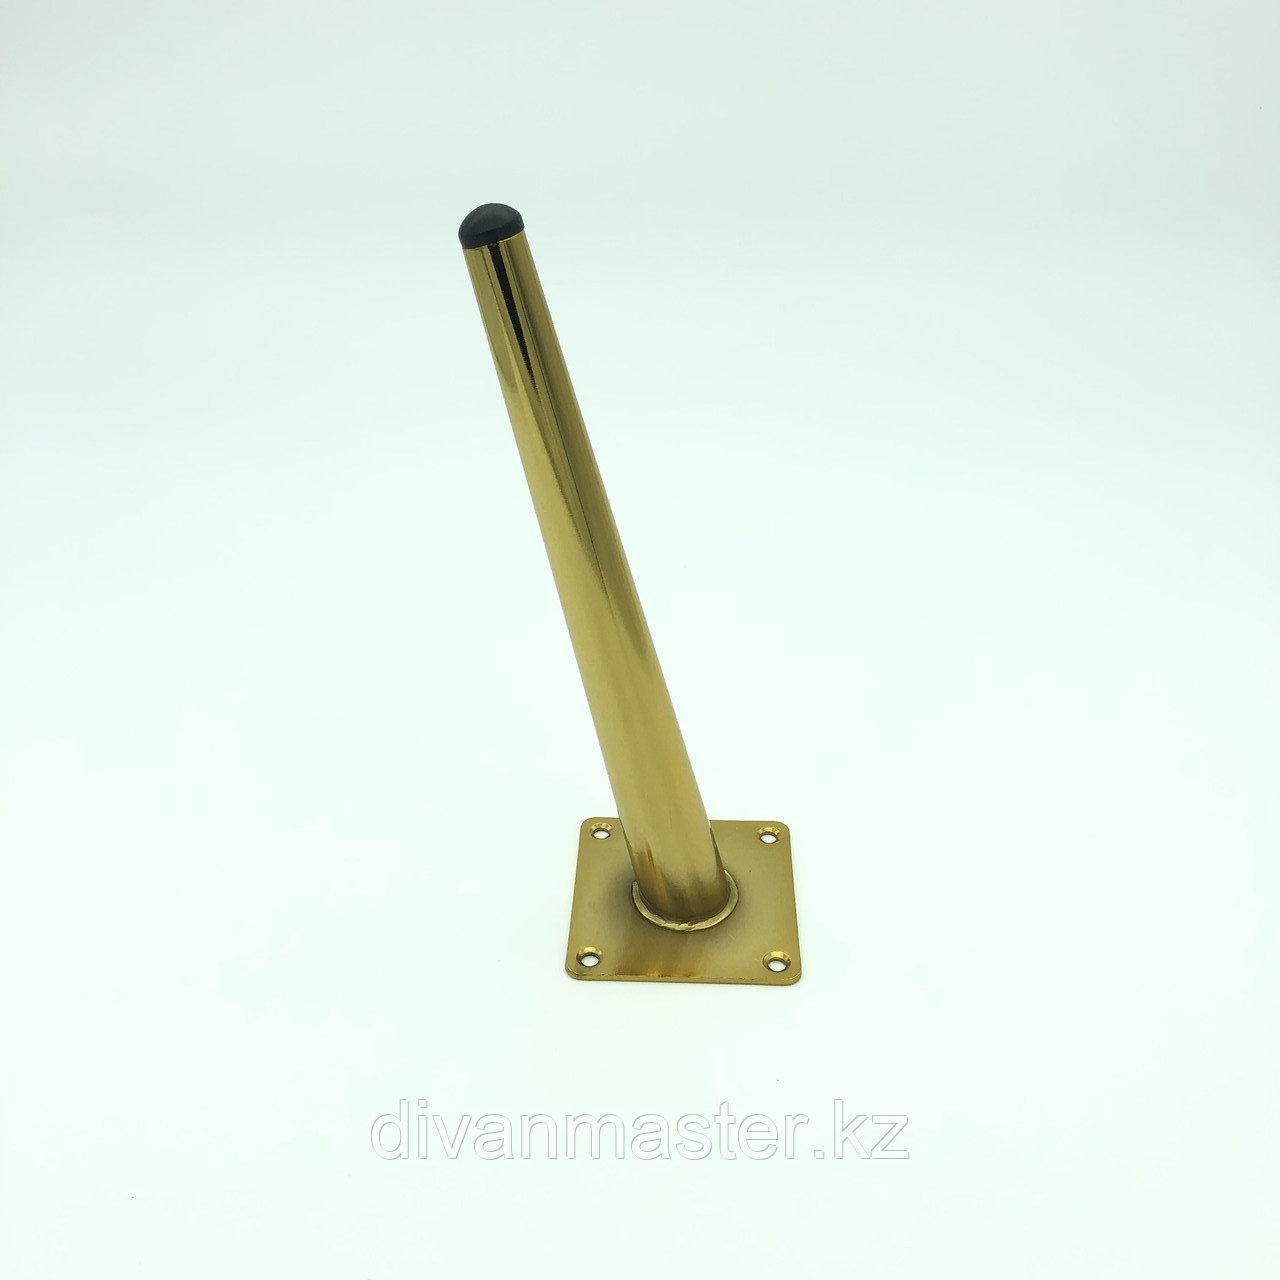 Ножка мебельная, стальная с наклоном 20 см.Золото